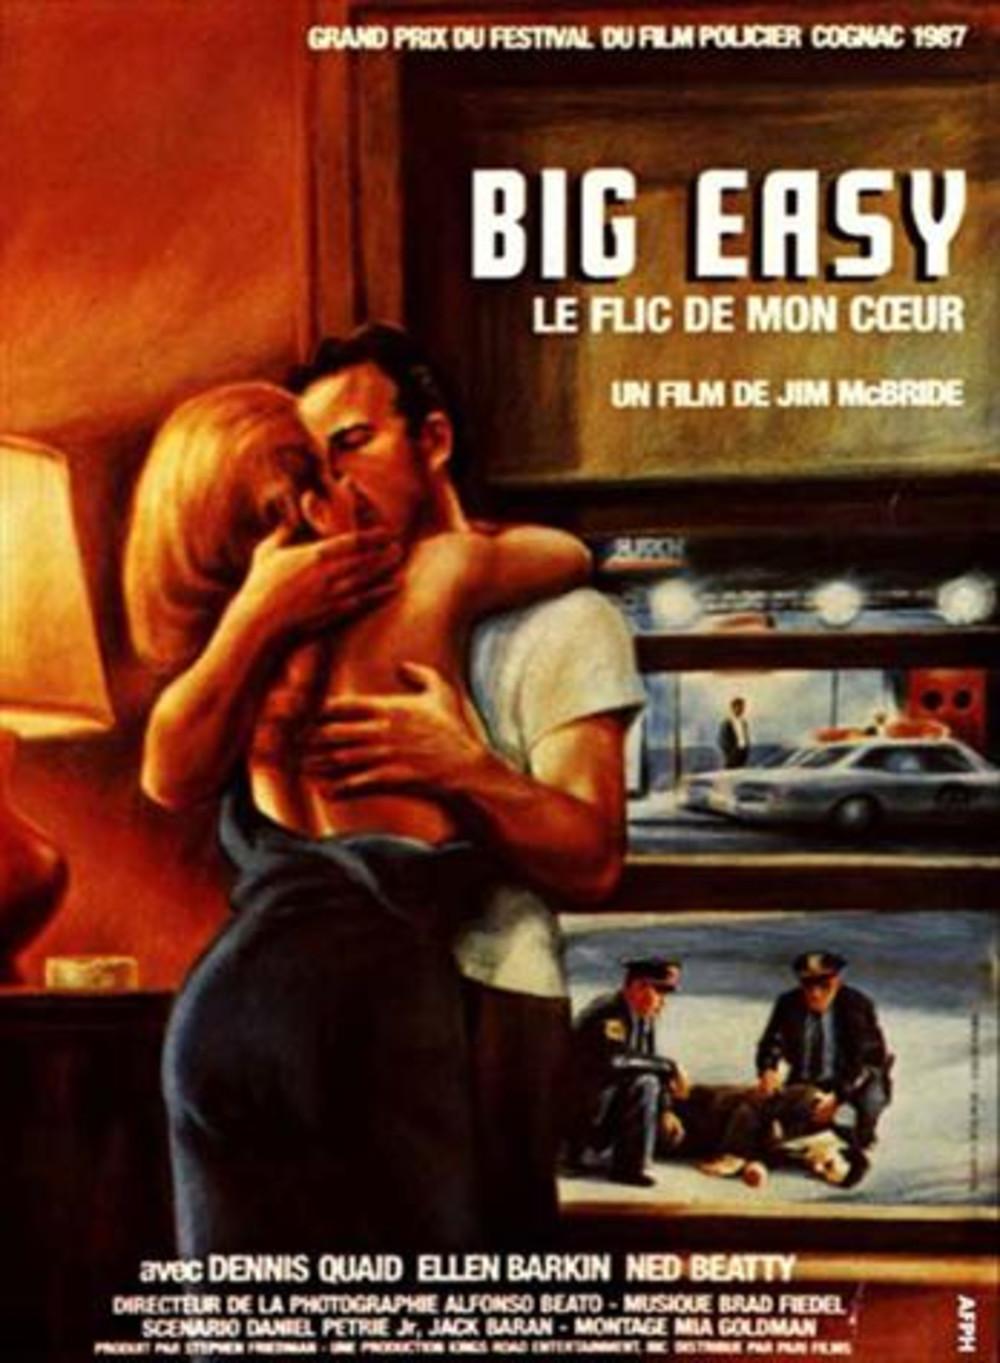 affiche du film Big Easy: Le flic de mon cœur